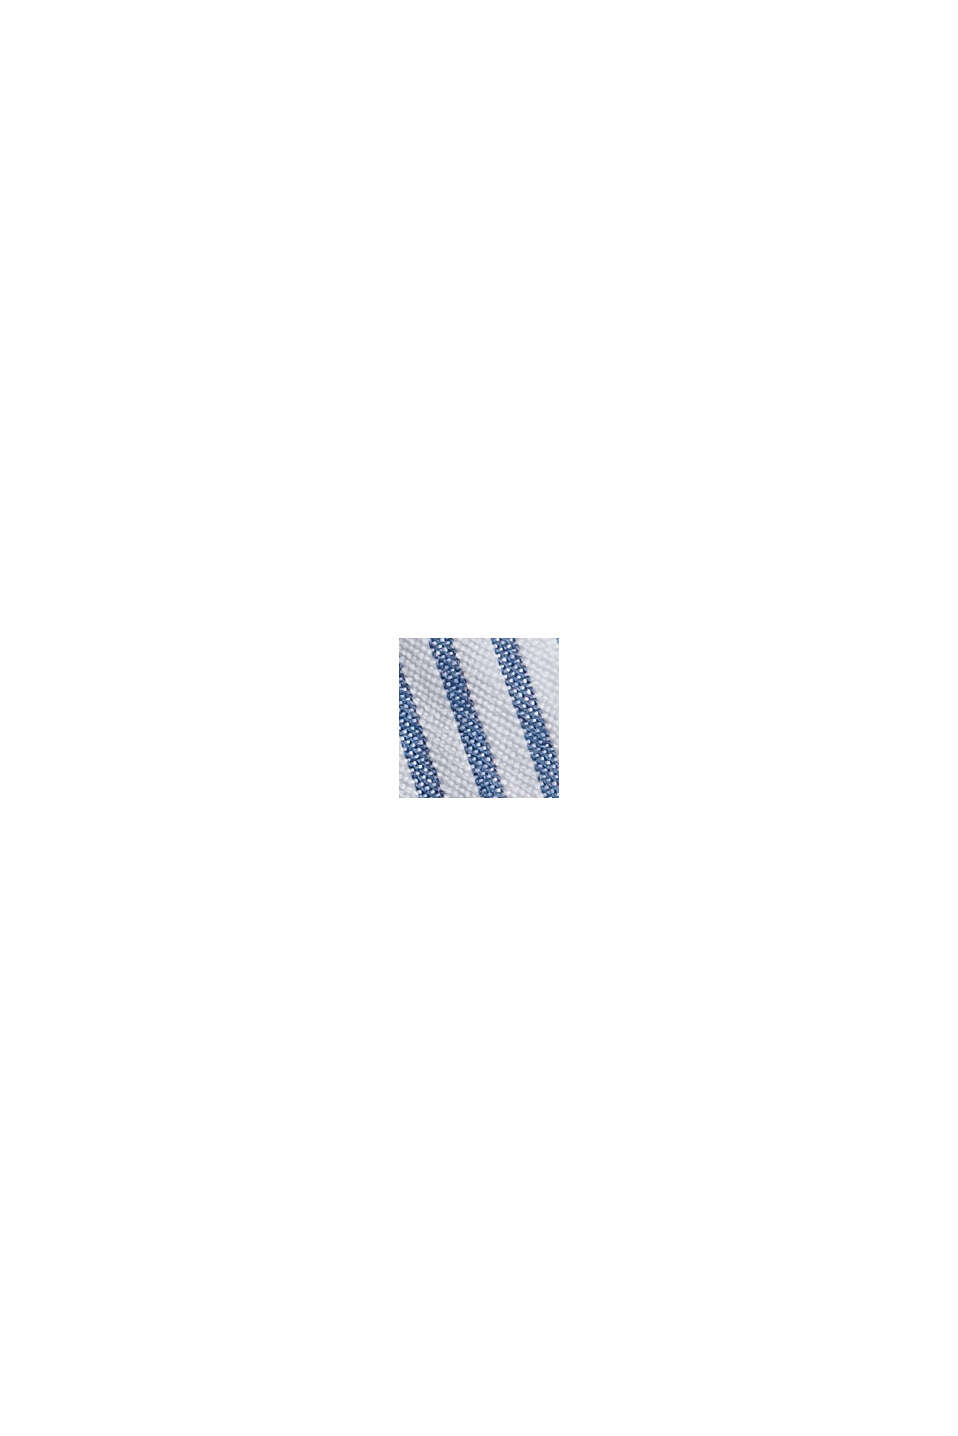 Overhemd met korte mouwen en kreukeffecten, biologisch katoen, BLUE, swatch